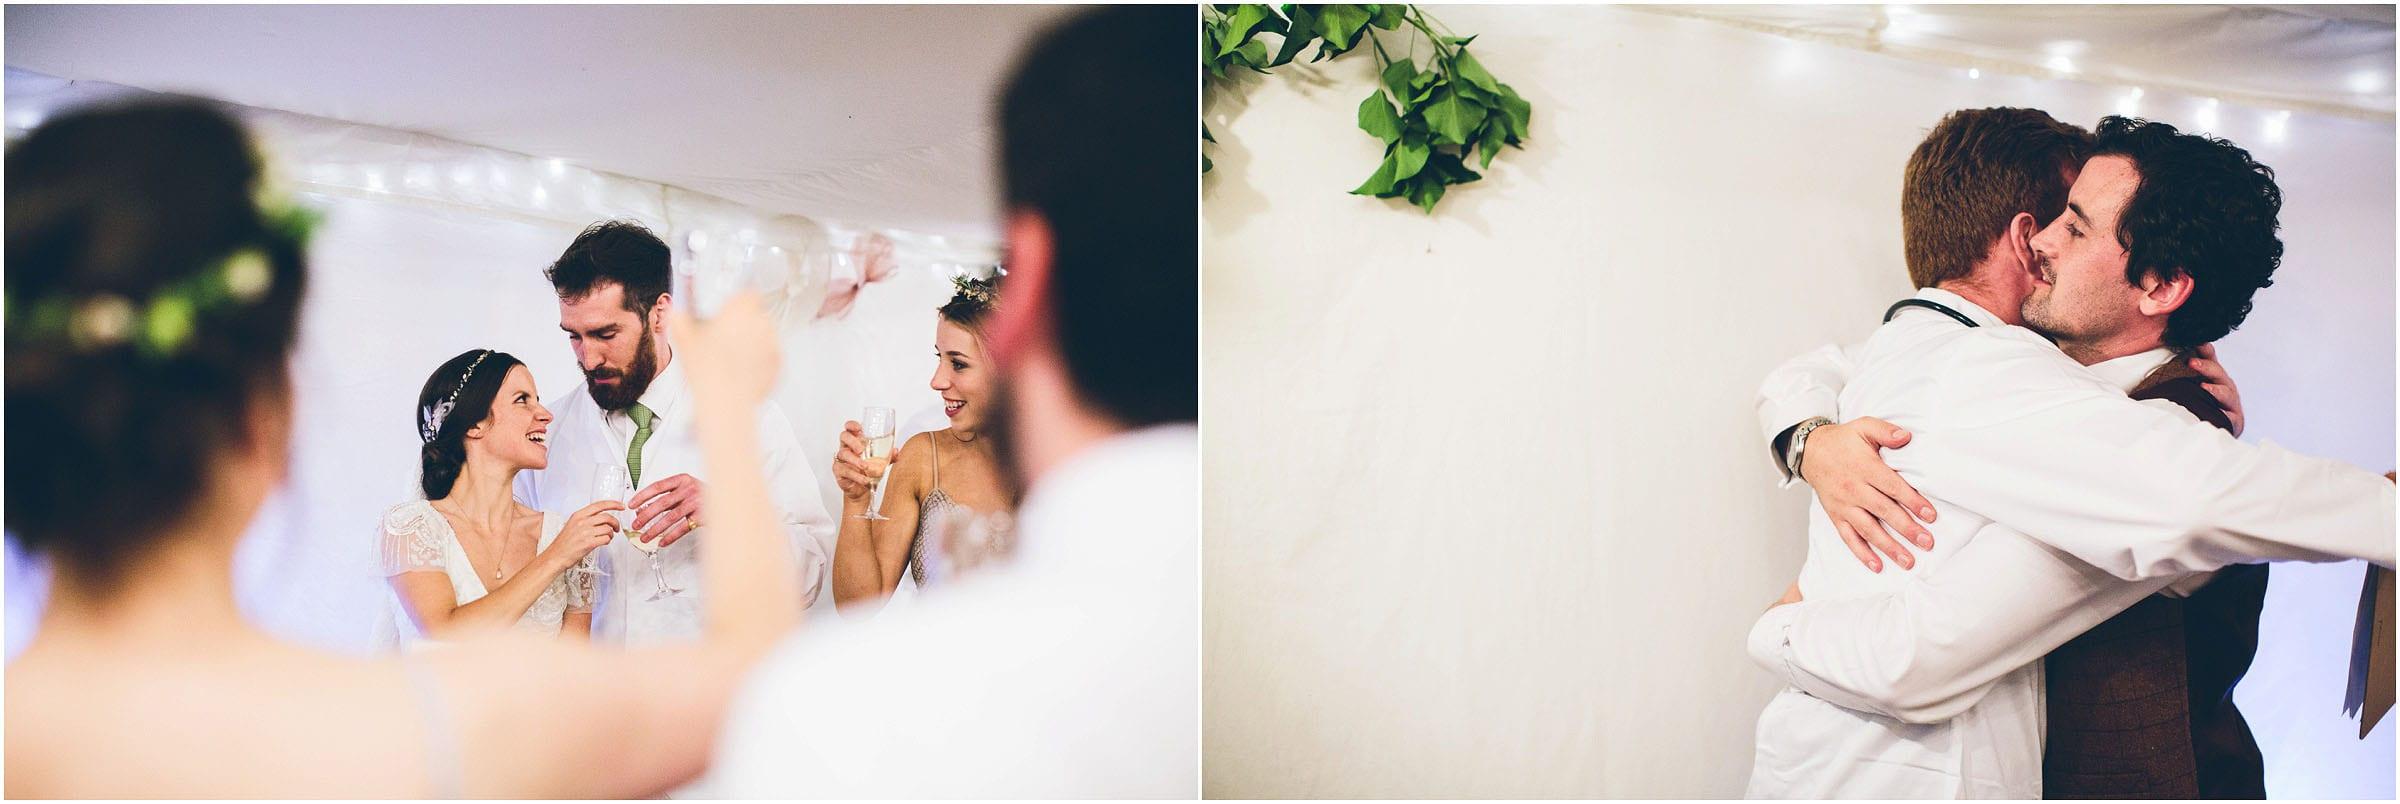 Harthill_Weddings_Wedding_Photography_0126